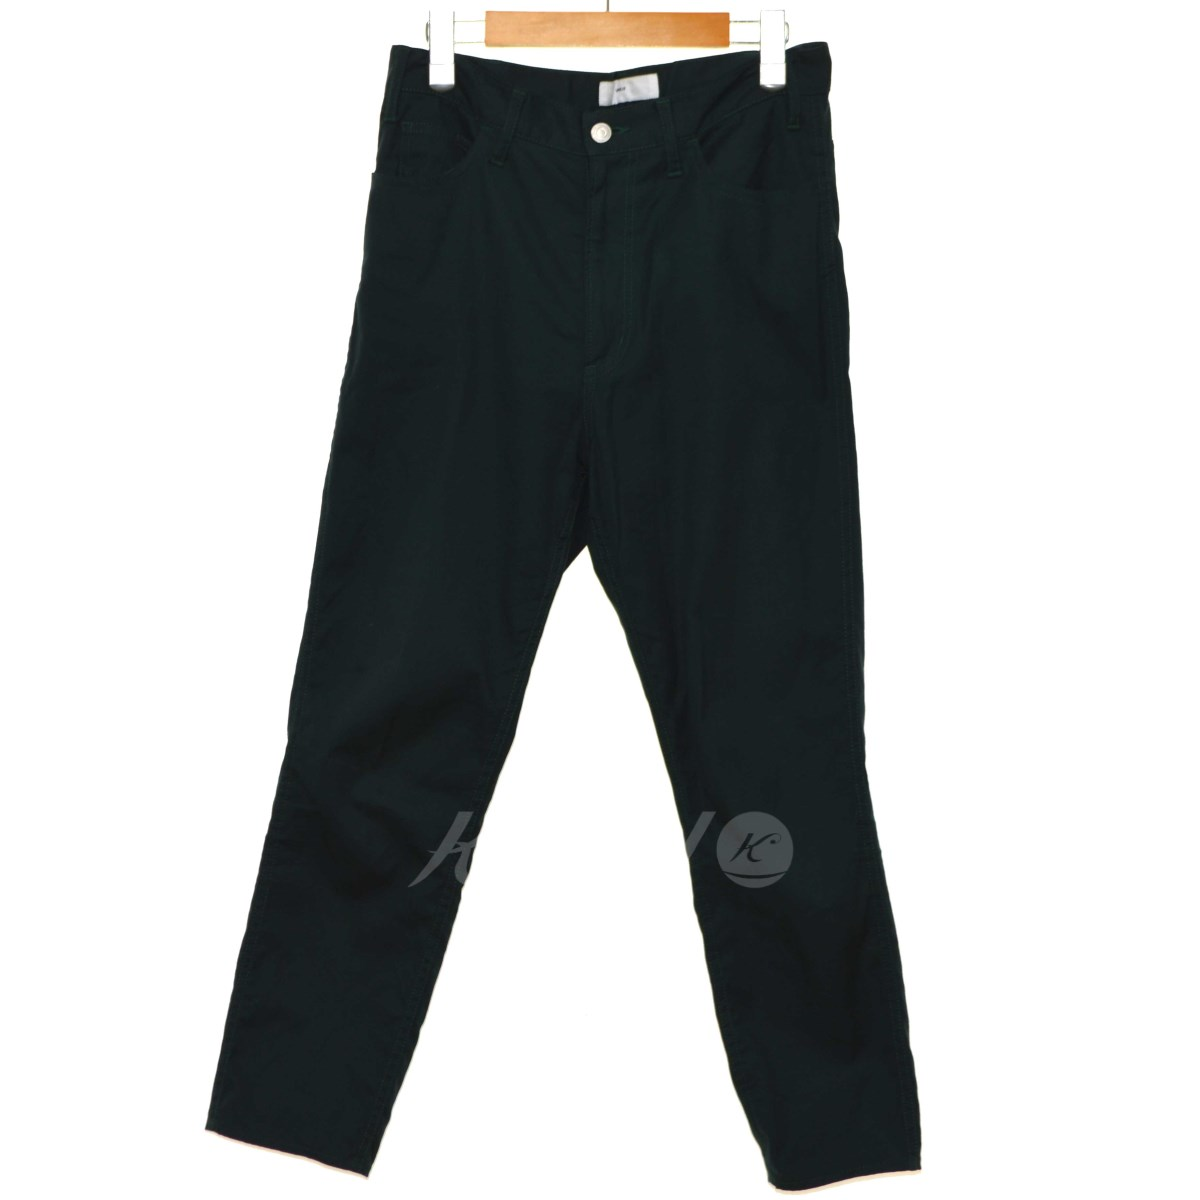 【中古】TOGA VIRILIS 2018SS Stretch Cotton Pants ストレッチコットンパンツ グリーン サイズ:44 【160419】(トーガ ヴィリリース)